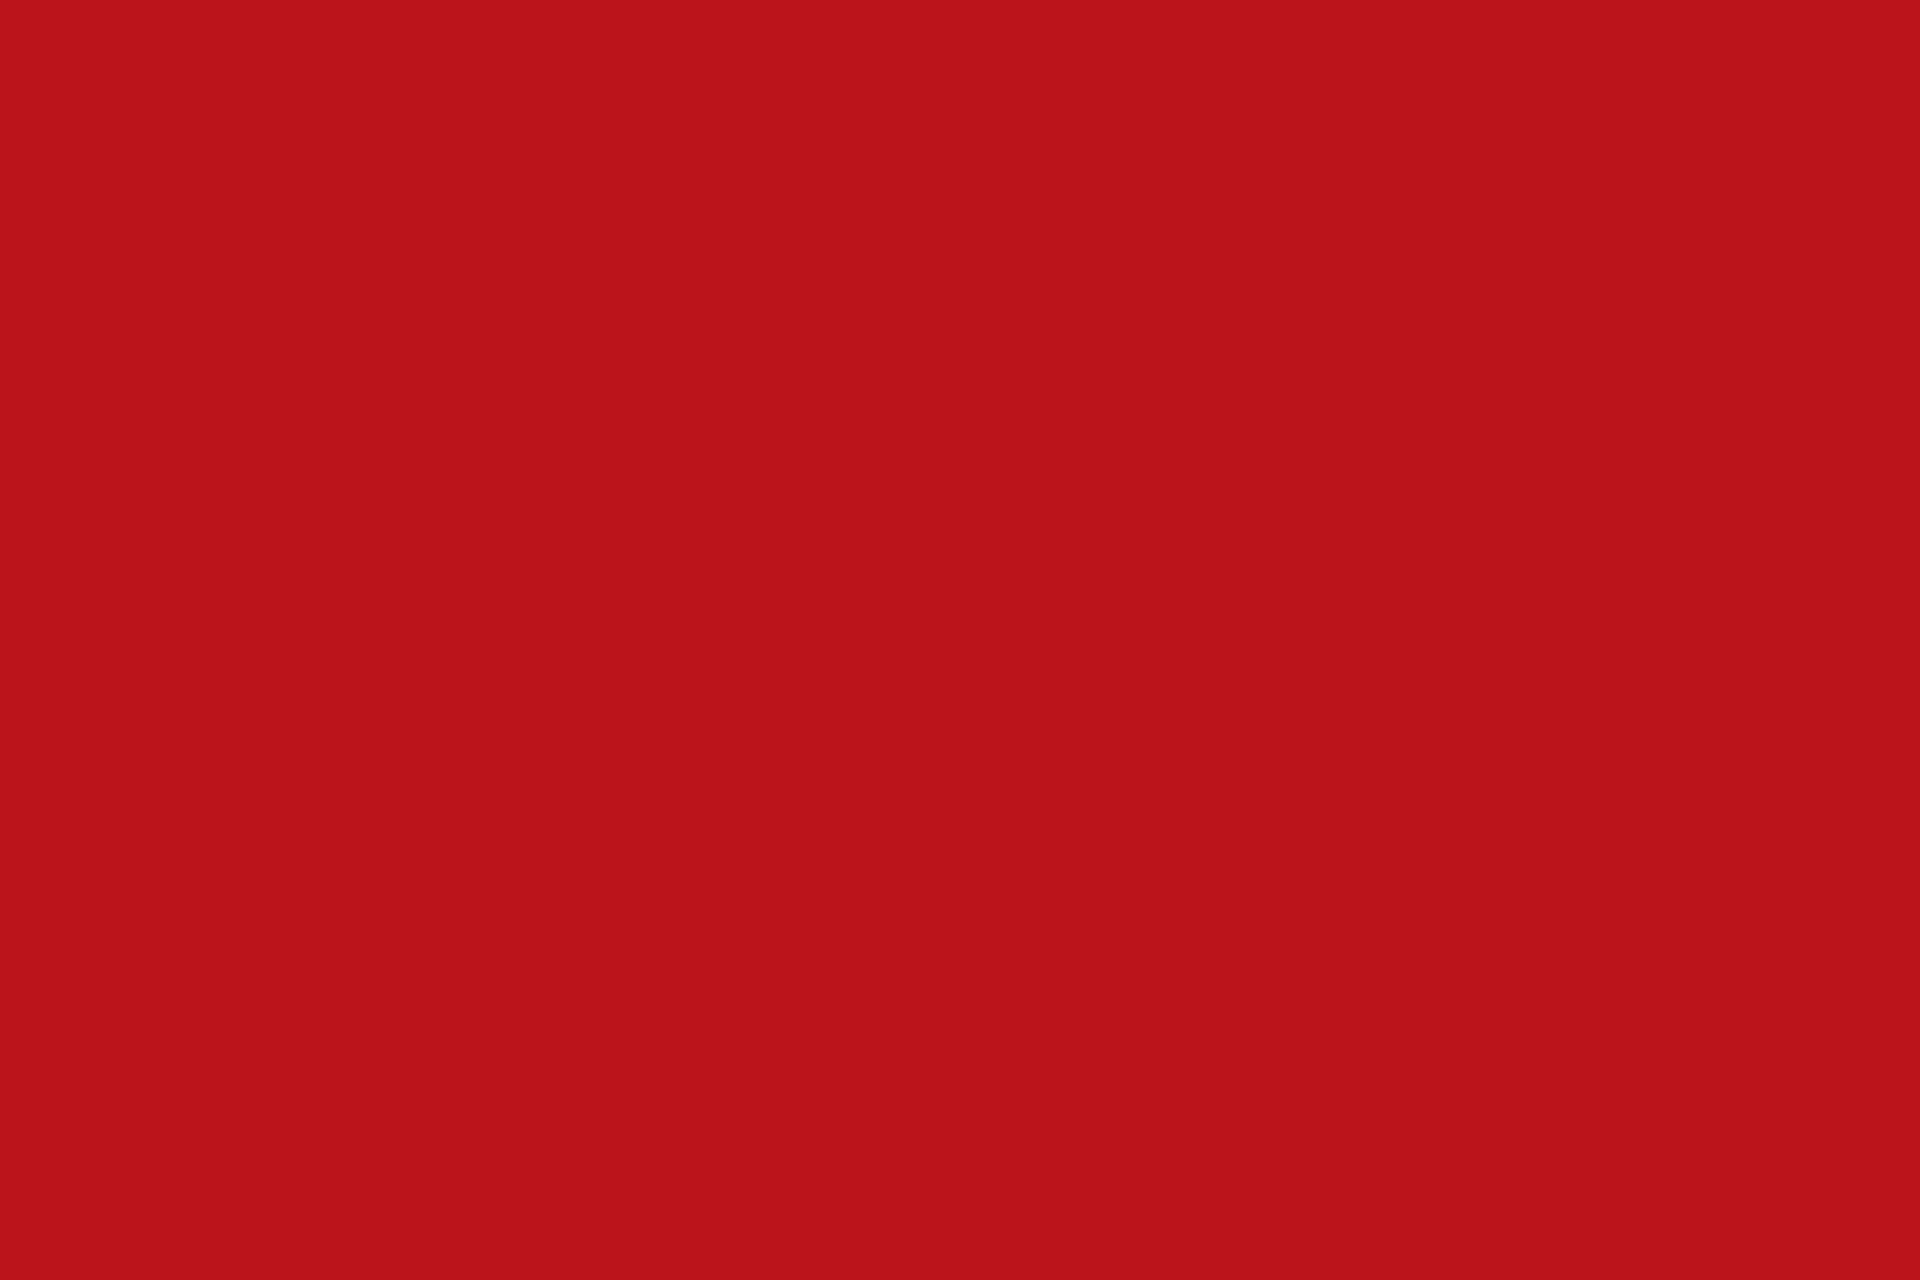 Ästhetik-Lounge-HG-rot Hintergrundfarbe, Michale Körbler, Schlankheitsbehandlungen